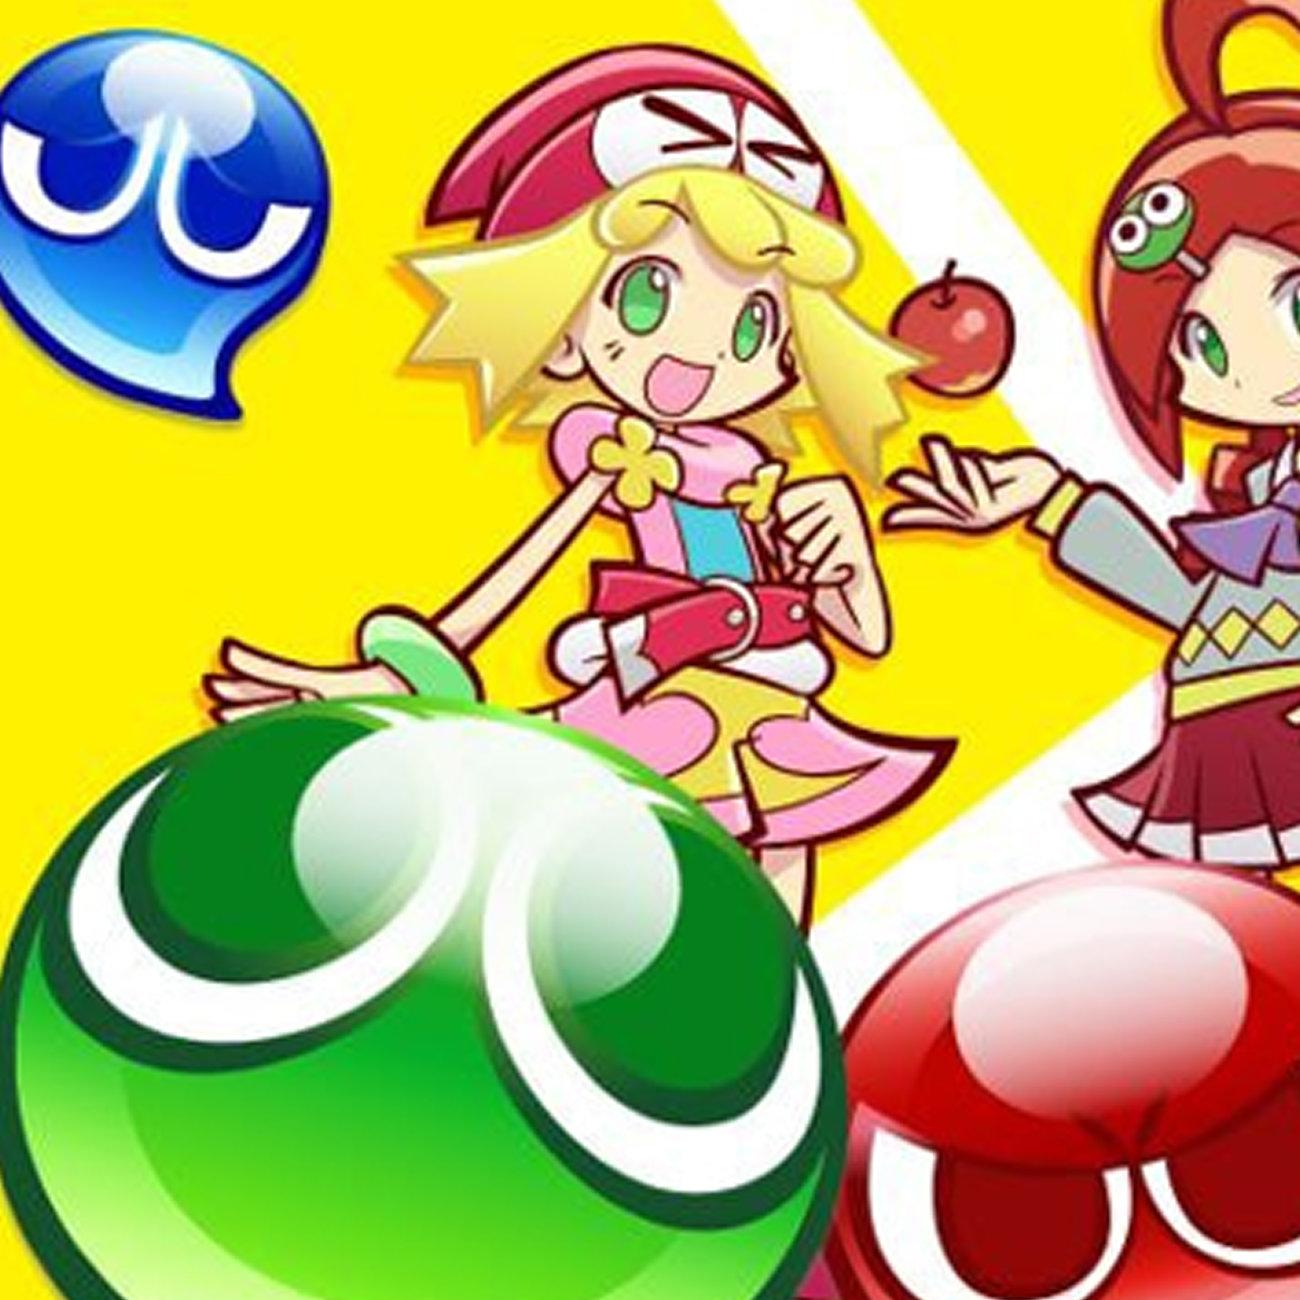 ぷよぷよ e Sports、ニンテンドースイッチとプレイステーション4